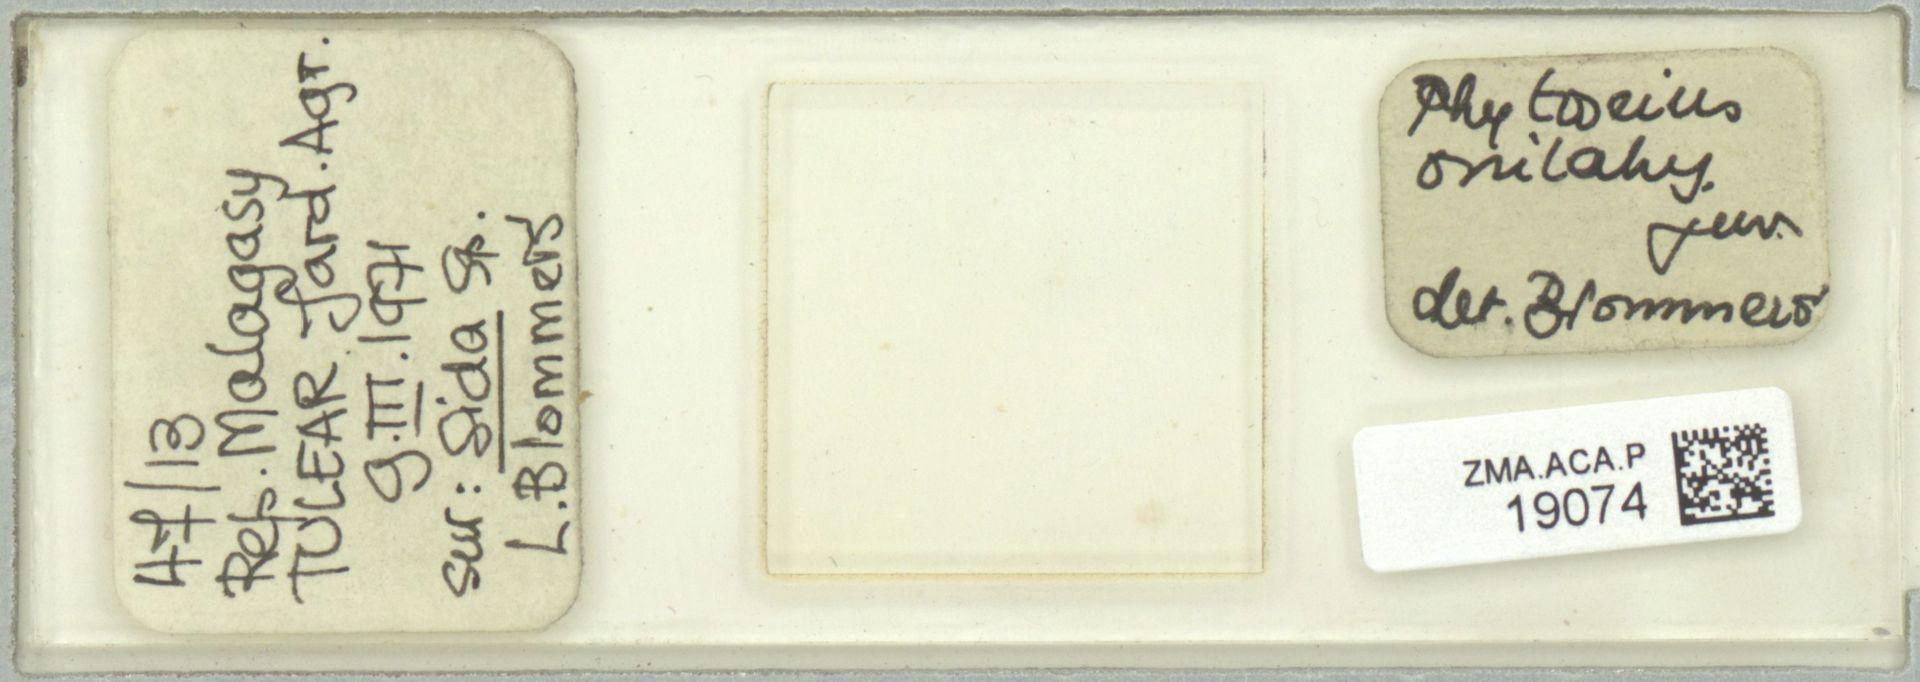 ZMA.ACA.P.19074 | Phytoseius (Phytoseius) onilahy Blommers